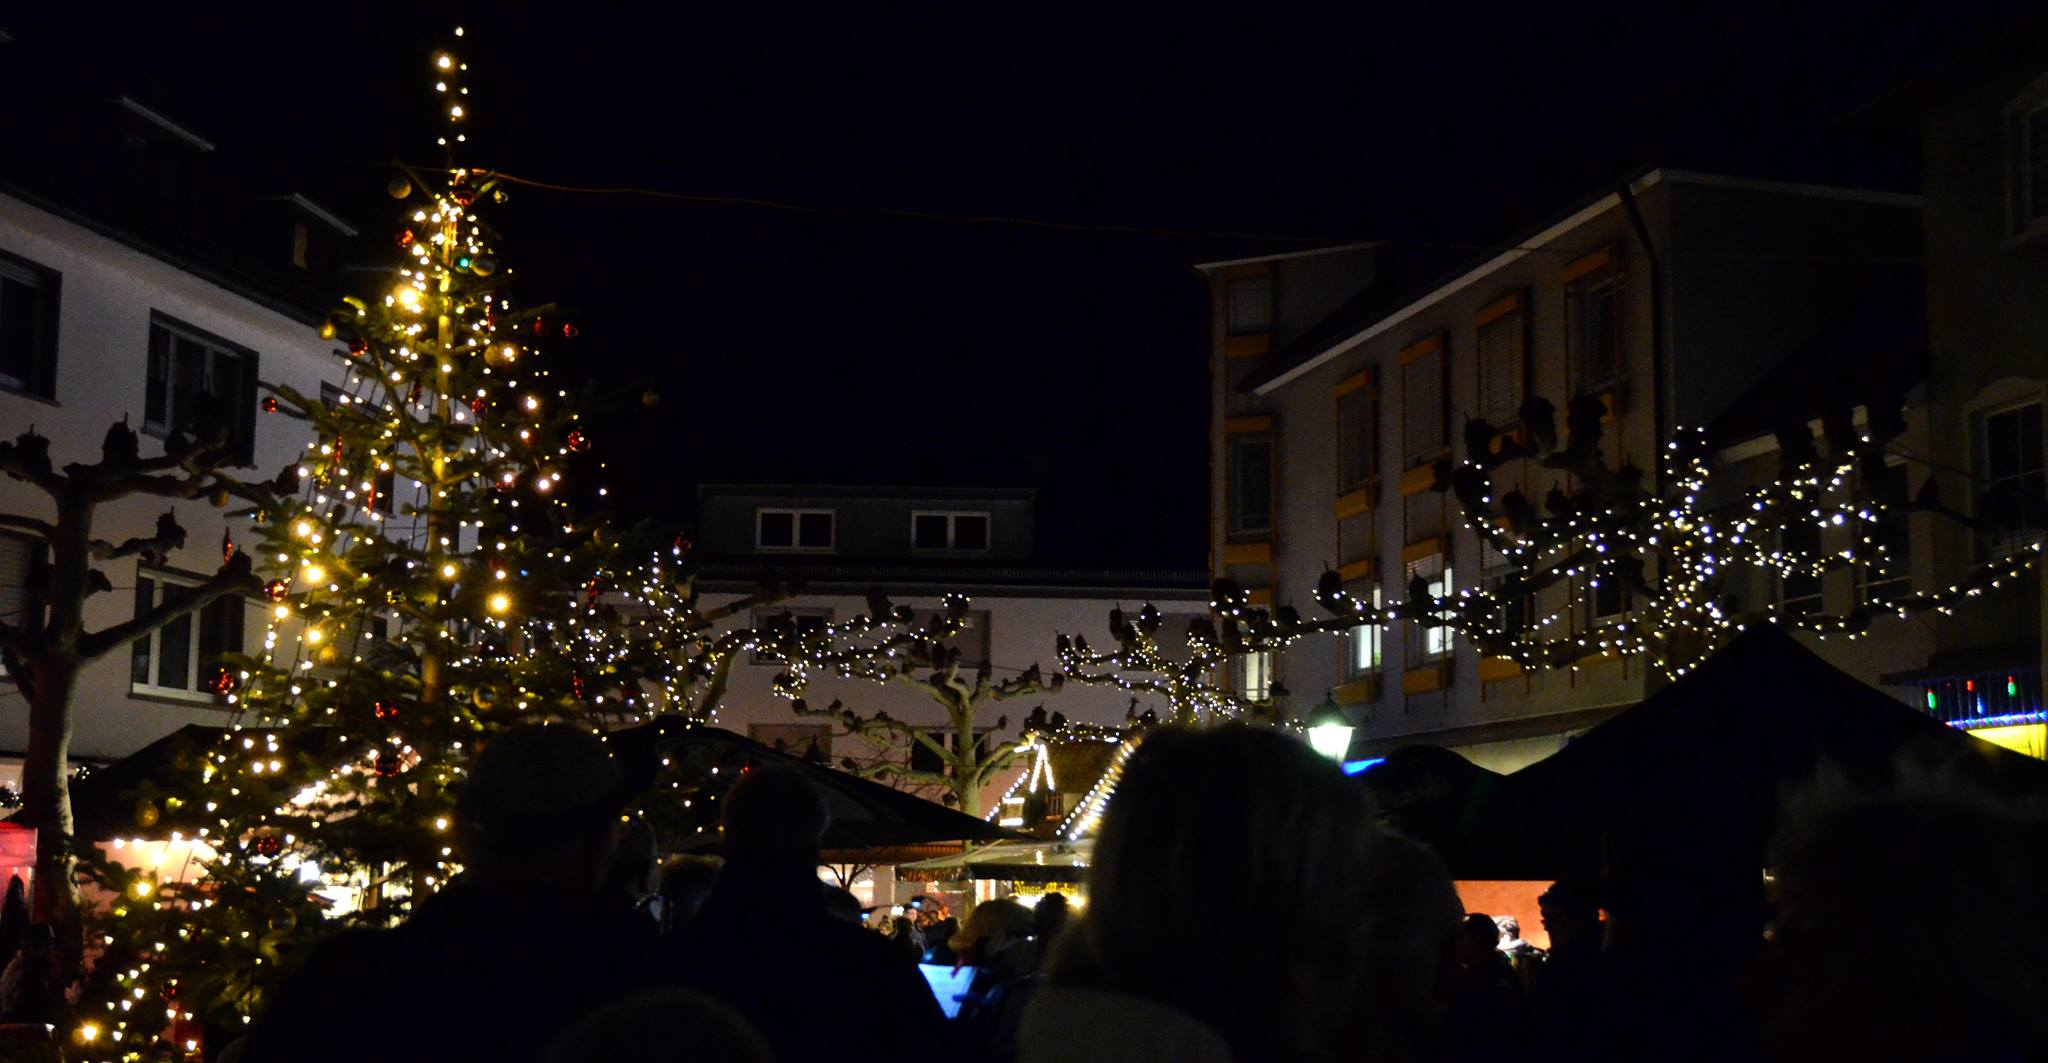 Weihnachtsmarkt_Gross_Gerau